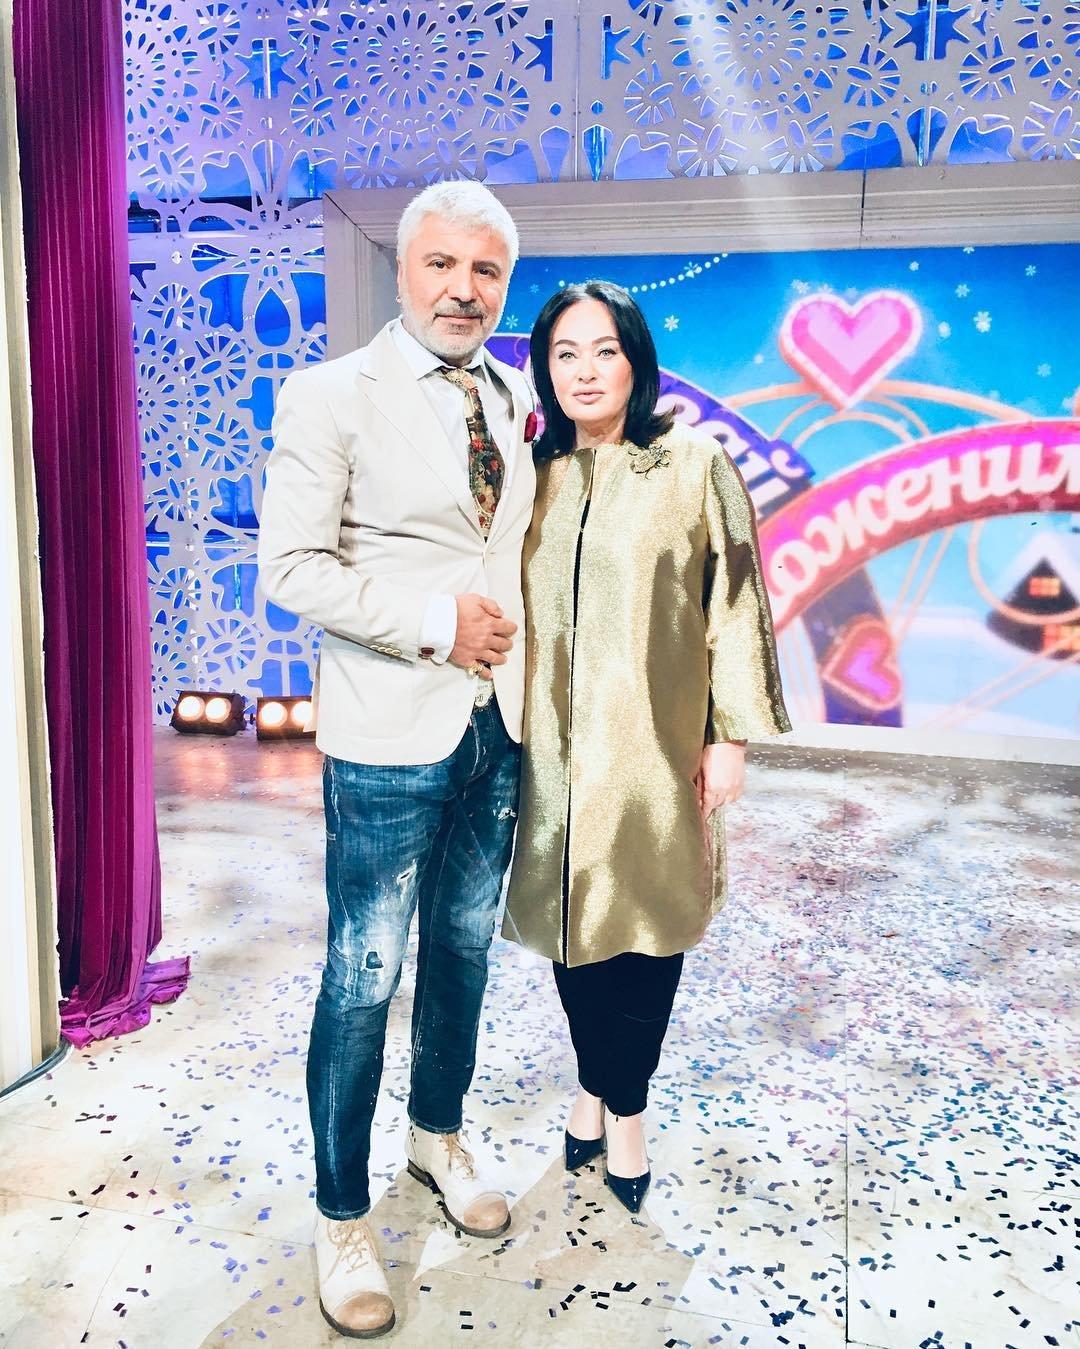 Ларисе Гузеевой предрекли уход с Первого канала в 2019 году